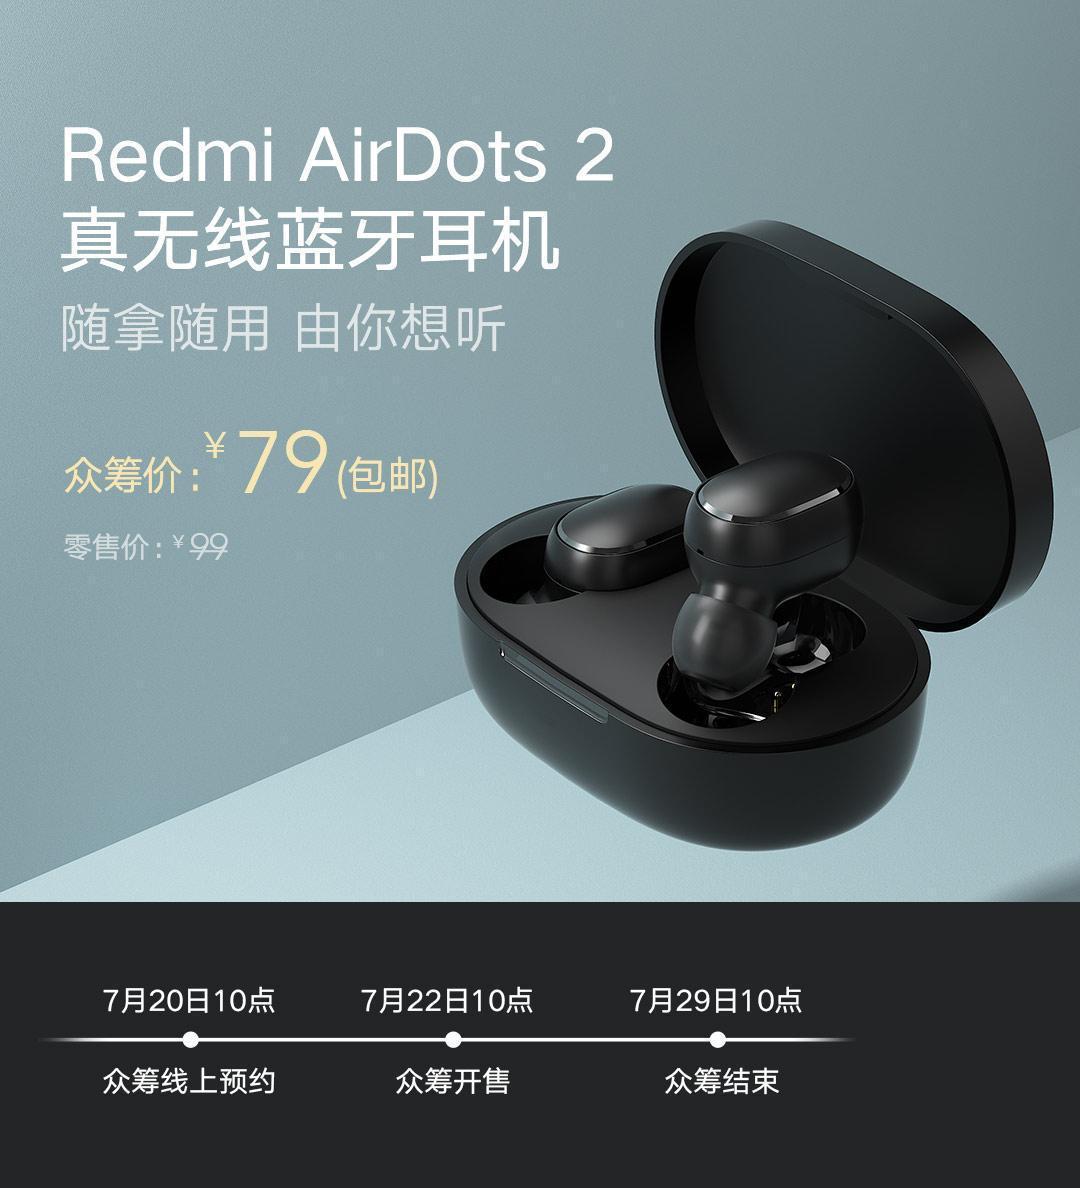 Redmi представила беспроводные наушники за 11 долларов (redmi airdots 2)